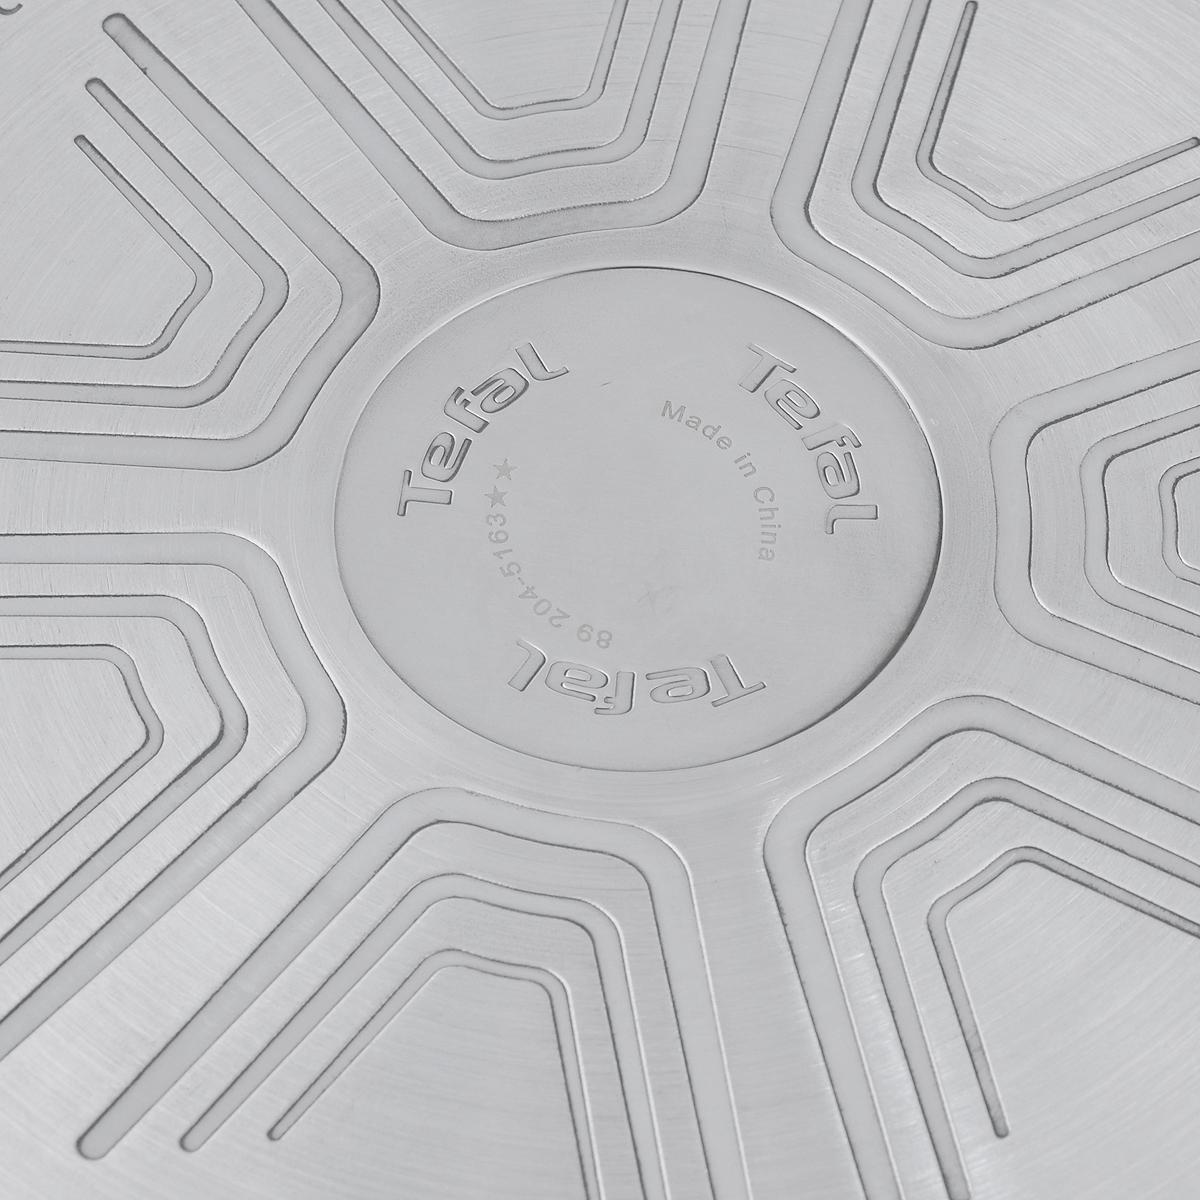 """Сковорода Tefal """"Emotion"""" выполнена из высококачественной нержавеющей стали. Материалы, использованные при изготовлении, абсолютно экологичны и безопасны для здоровья. Не содержат PFOA, LEAD и примесей кадмия. Бакелитовая ручка обеспечивает удобство и безопасность  во время приготовления пищи.  Покрытие """"Titanium"""" обладает превосходными антипригарными свойствами и отличается износостойкостью даже при длительном  использовании. Это достигается благодаря его усовершенствованному верхнему слою. Пища не пригорает и не прилипает к стенкам.  Индикатор нагрева """"Thermo-Spot"""" станет равномерно красным, когда посуда разогреется до оптимальной температуры - 180°С. Таким  образом, вы будете в курсе того, что можно начинать готовить.  Утолщенное дно и толстые стенки гарантируют равномерное распределение тепла, достигается натуральный вкус и сохранность аромата продуктов.  Можно мыть в посудомоечной машине. Подходит для всех типов плит, включая индукционные. Высота стенок сковороды: 6 см. Толщина стенок: 4 мм. Толщина дна: 6 мм. Длина ручки сковороды: 19 см."""